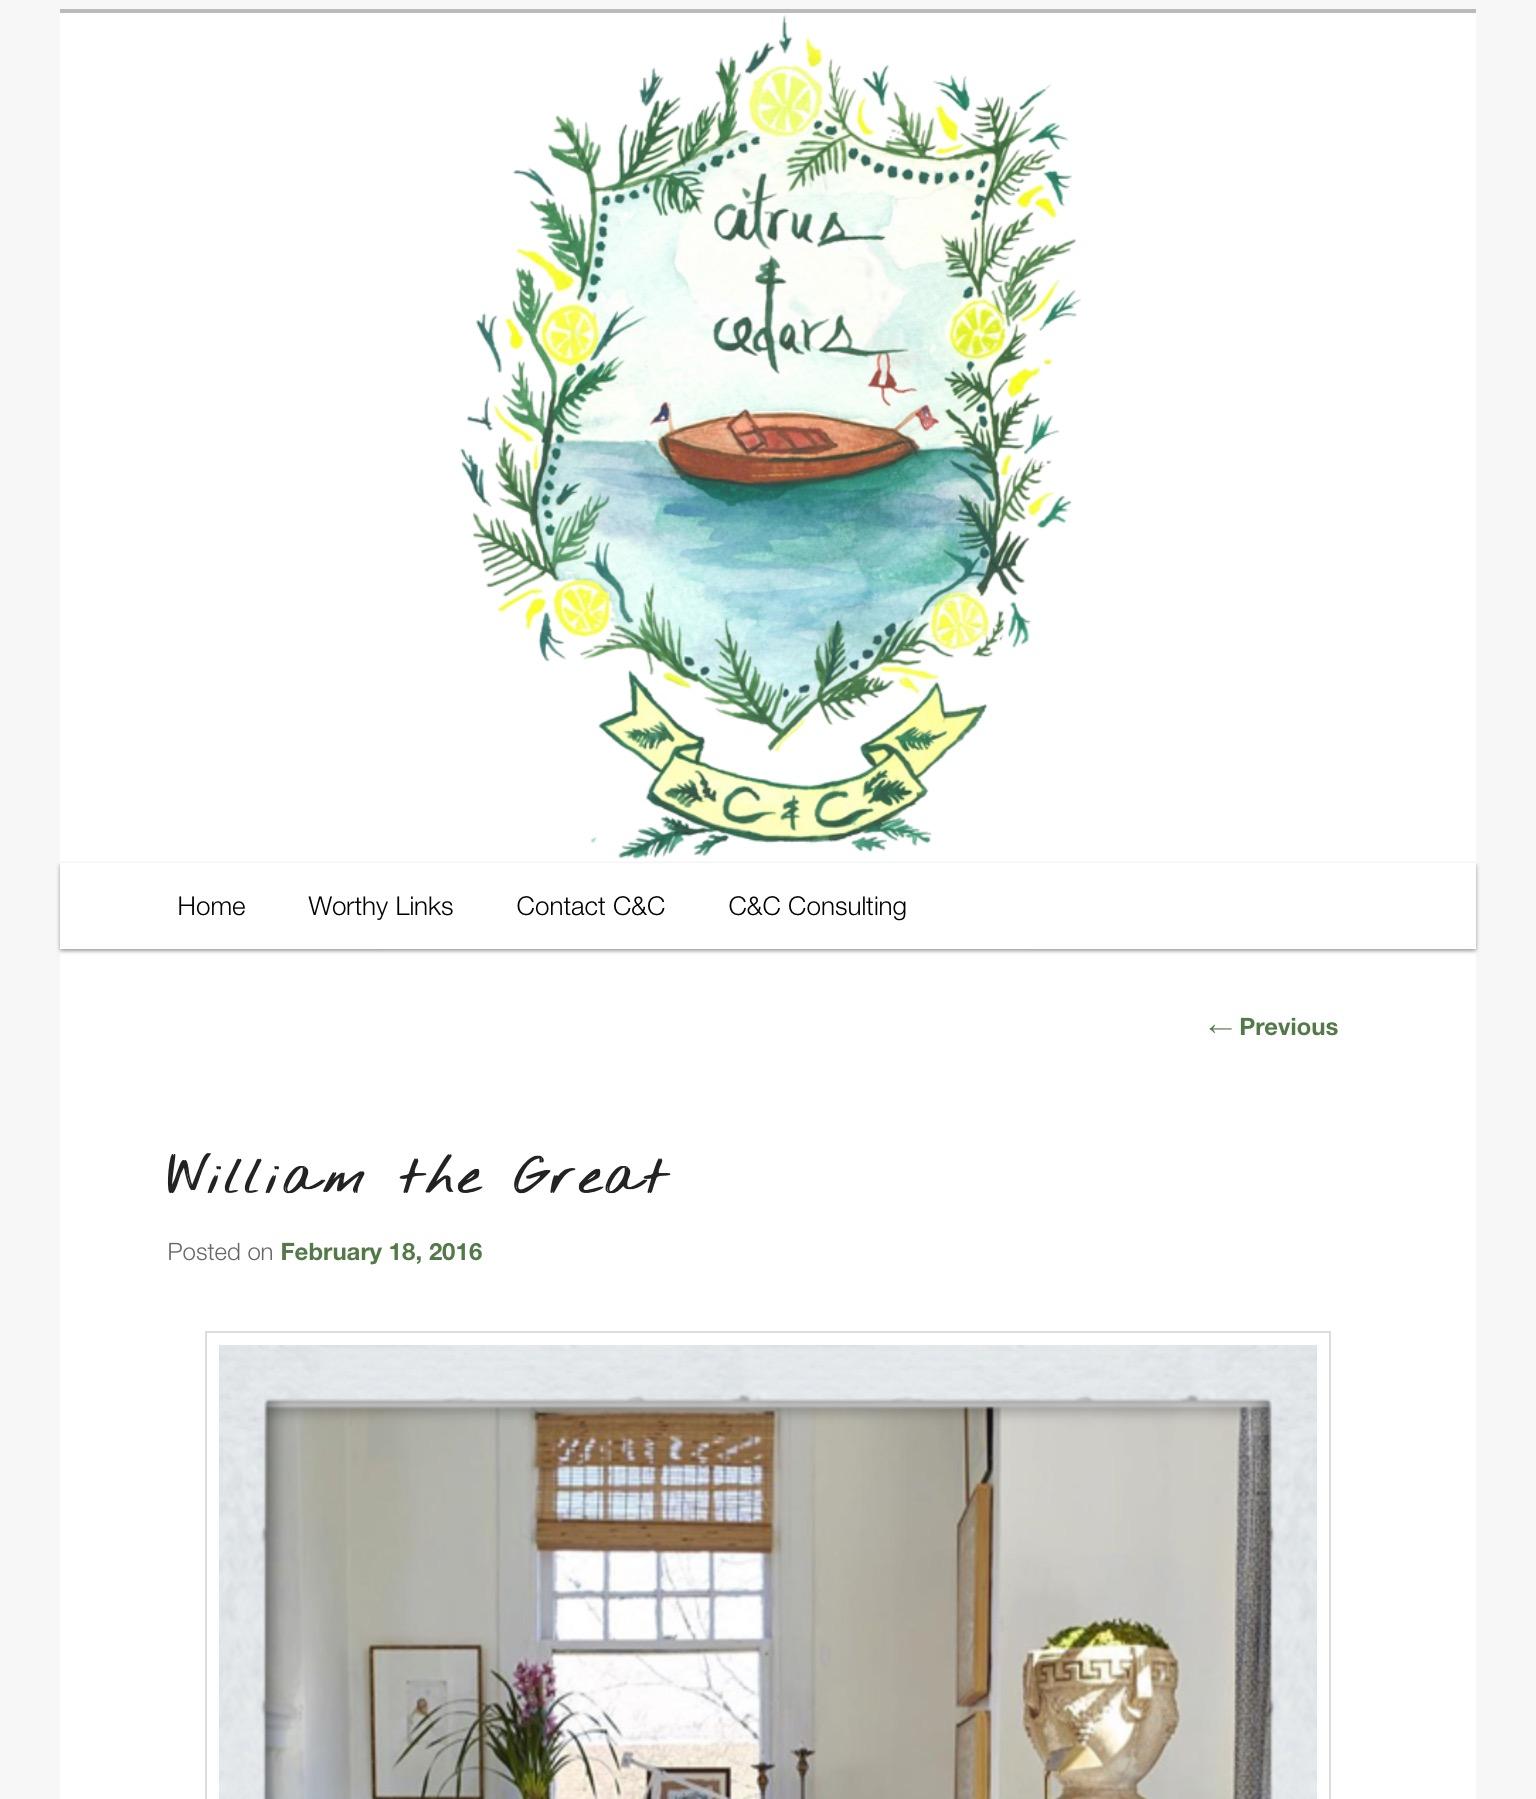 Cedar & Citrus- William the great